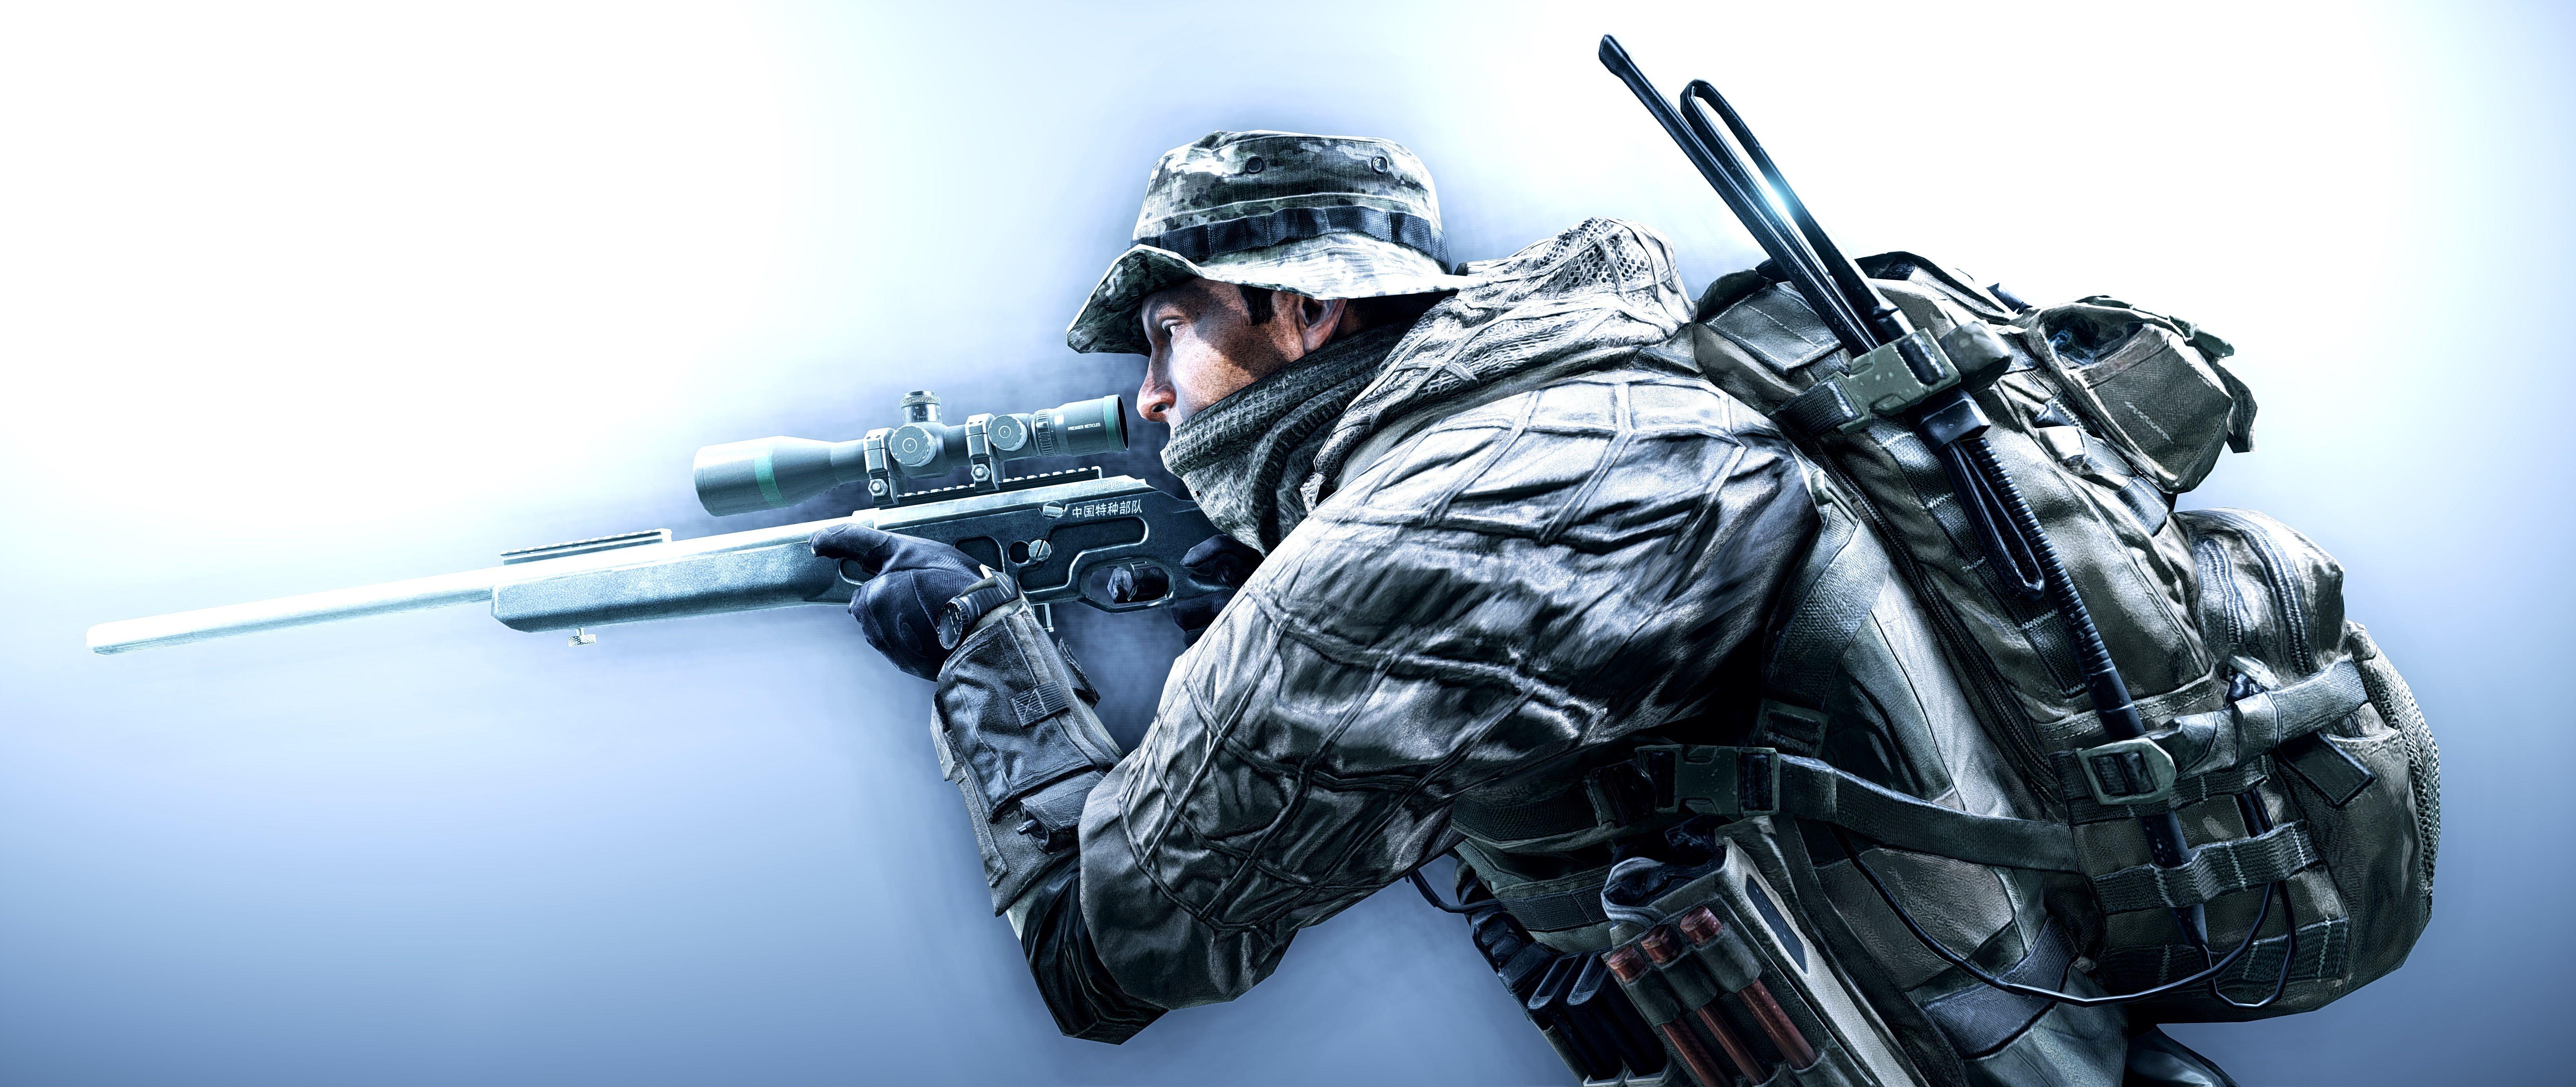 Картинки снайпера из бателфилд